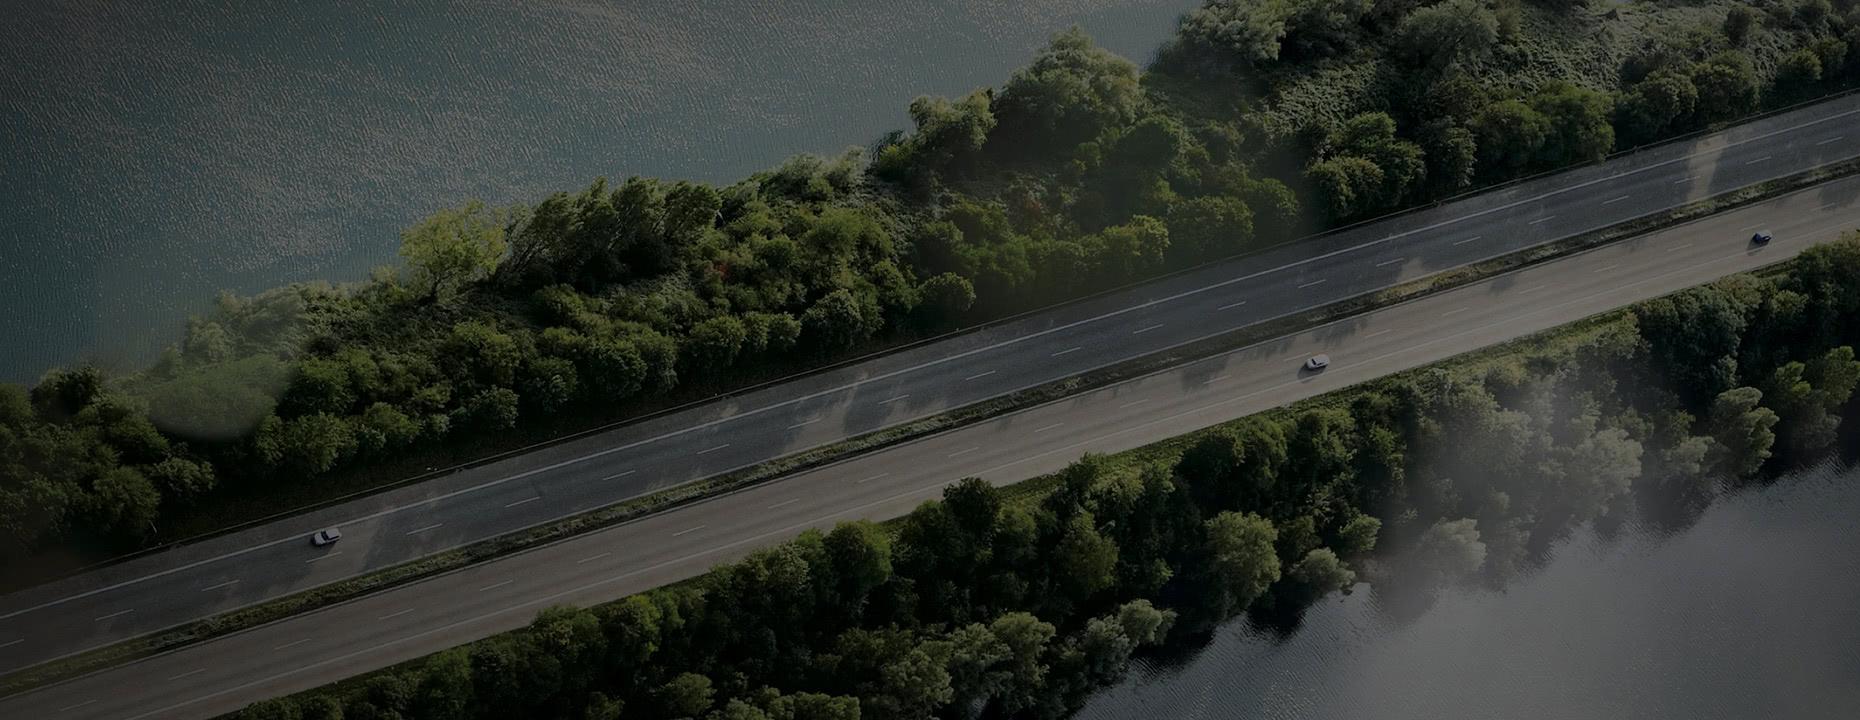 В Україні стартують продажі абсолютно нового Hyundai i10 | Богдан-Авто Черкаси - фото 10